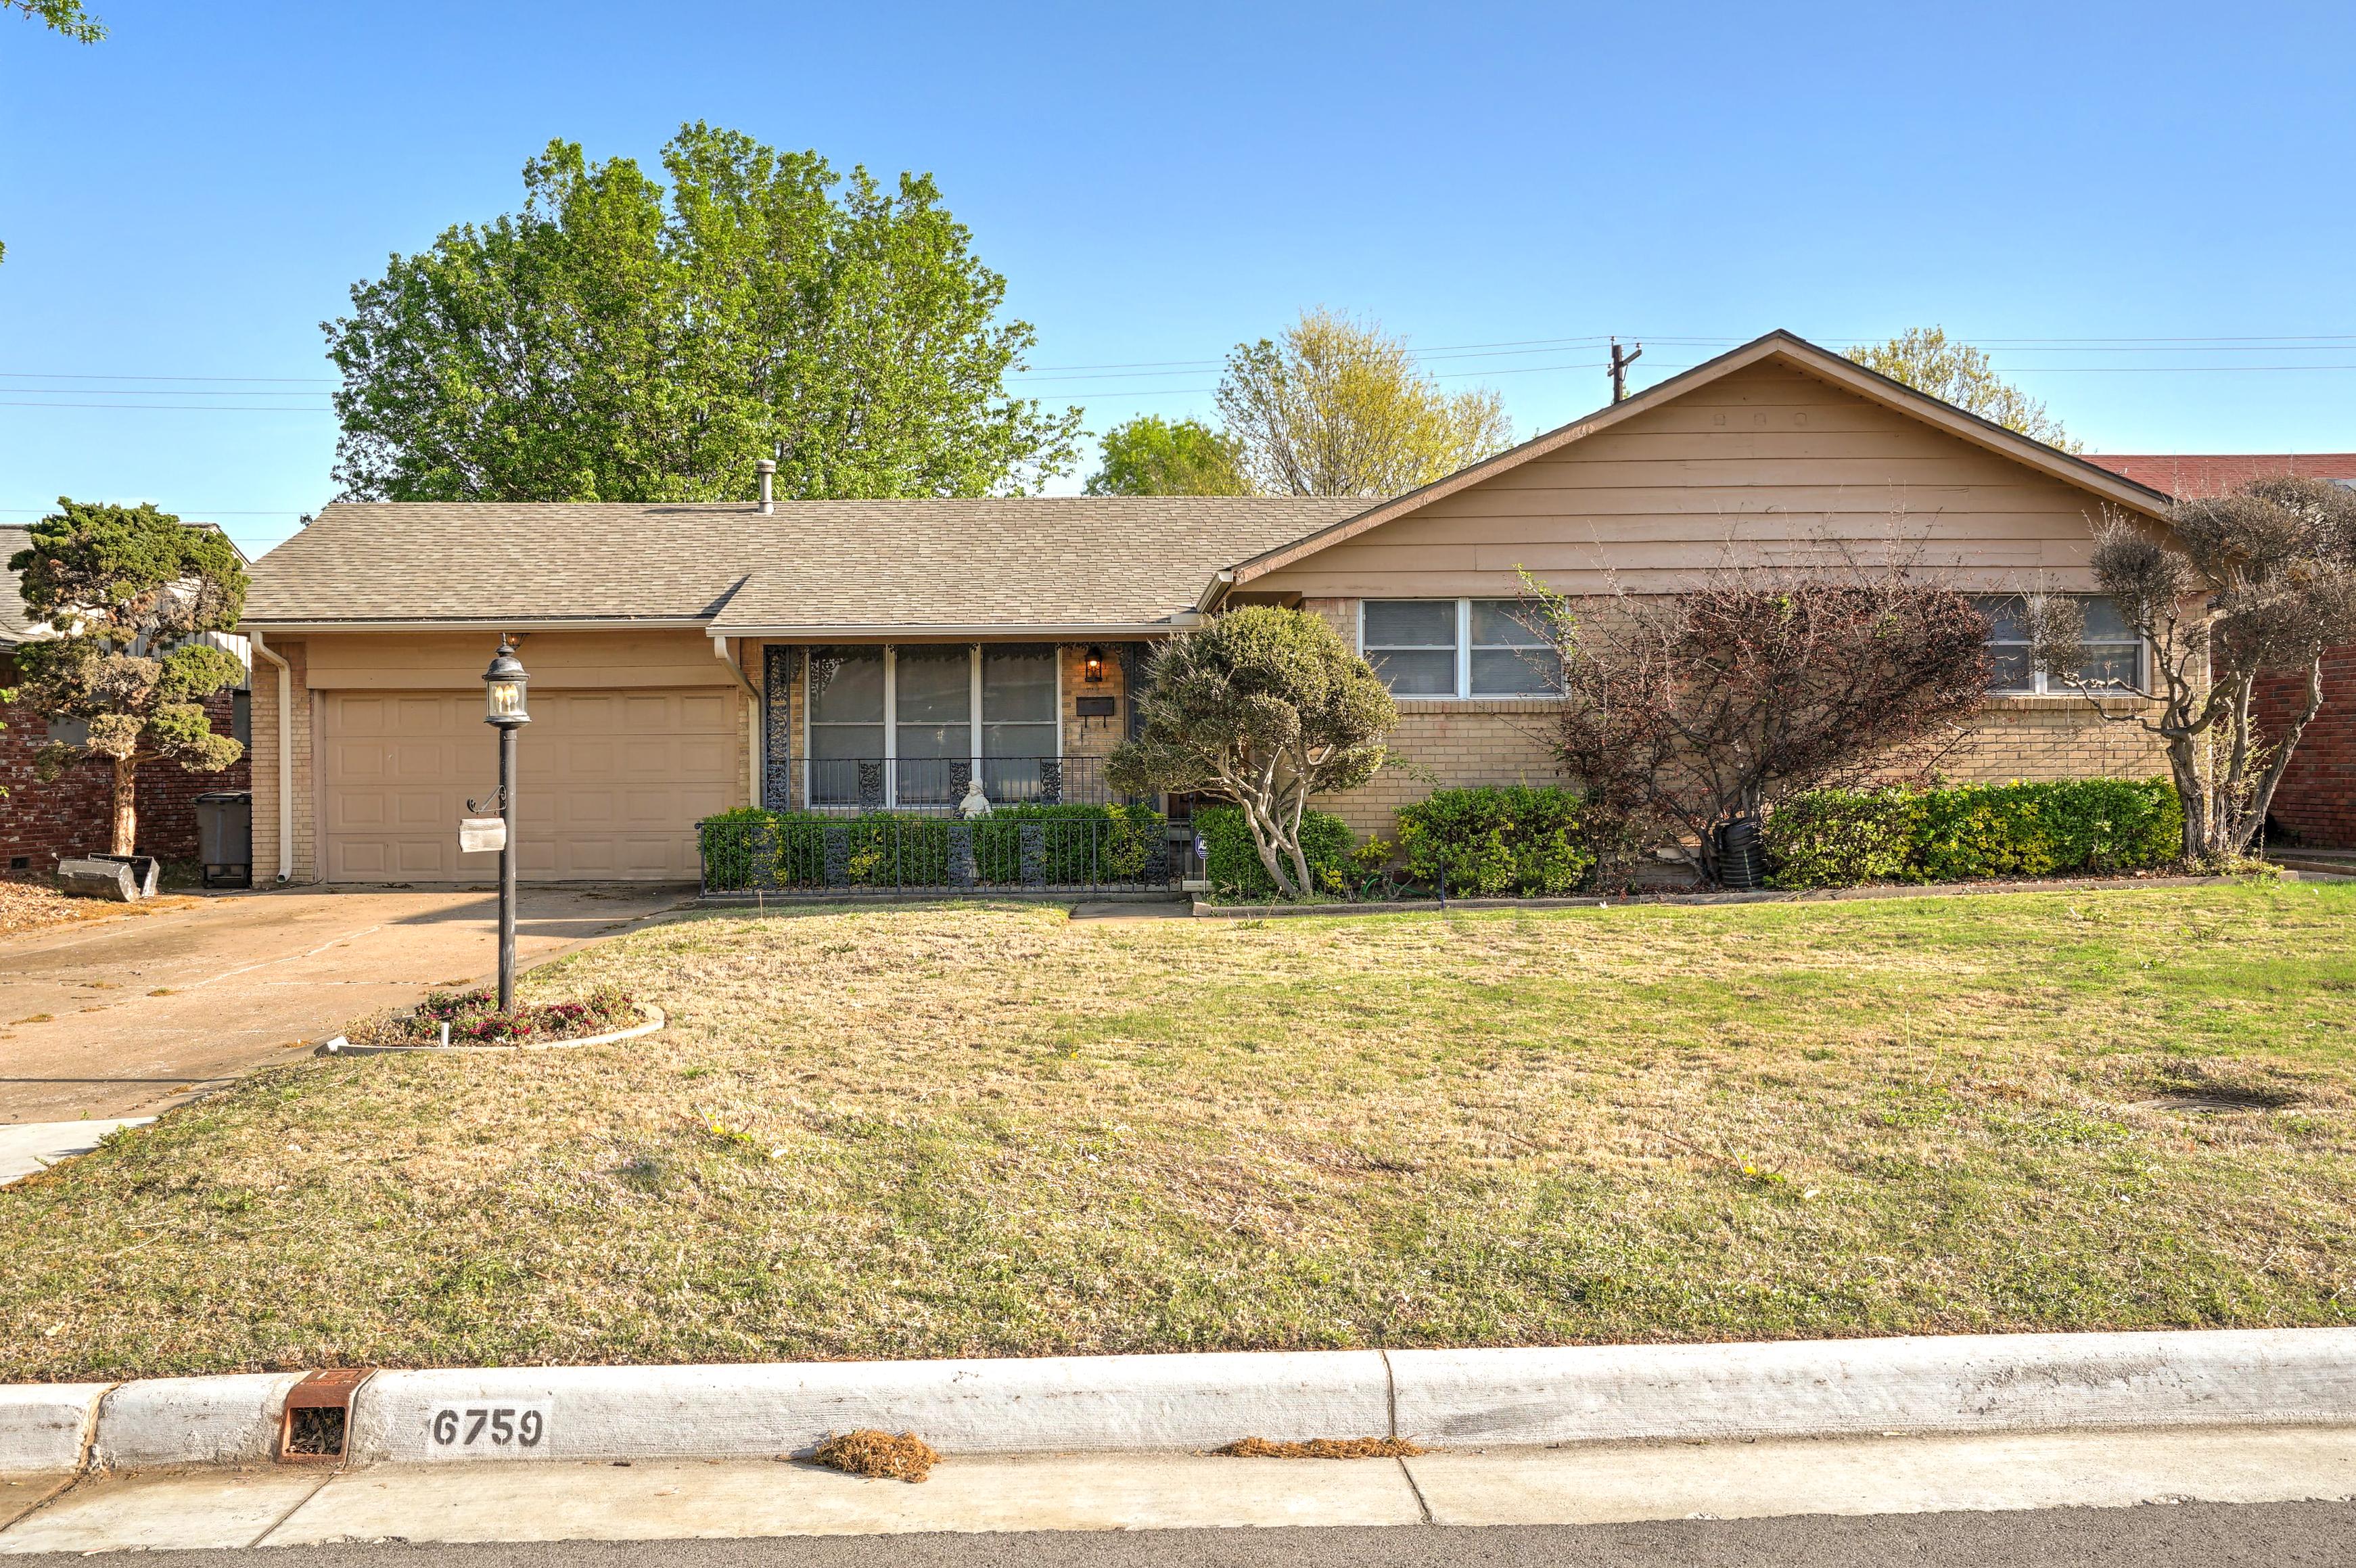 6759 E 26th Court Property Photo 1